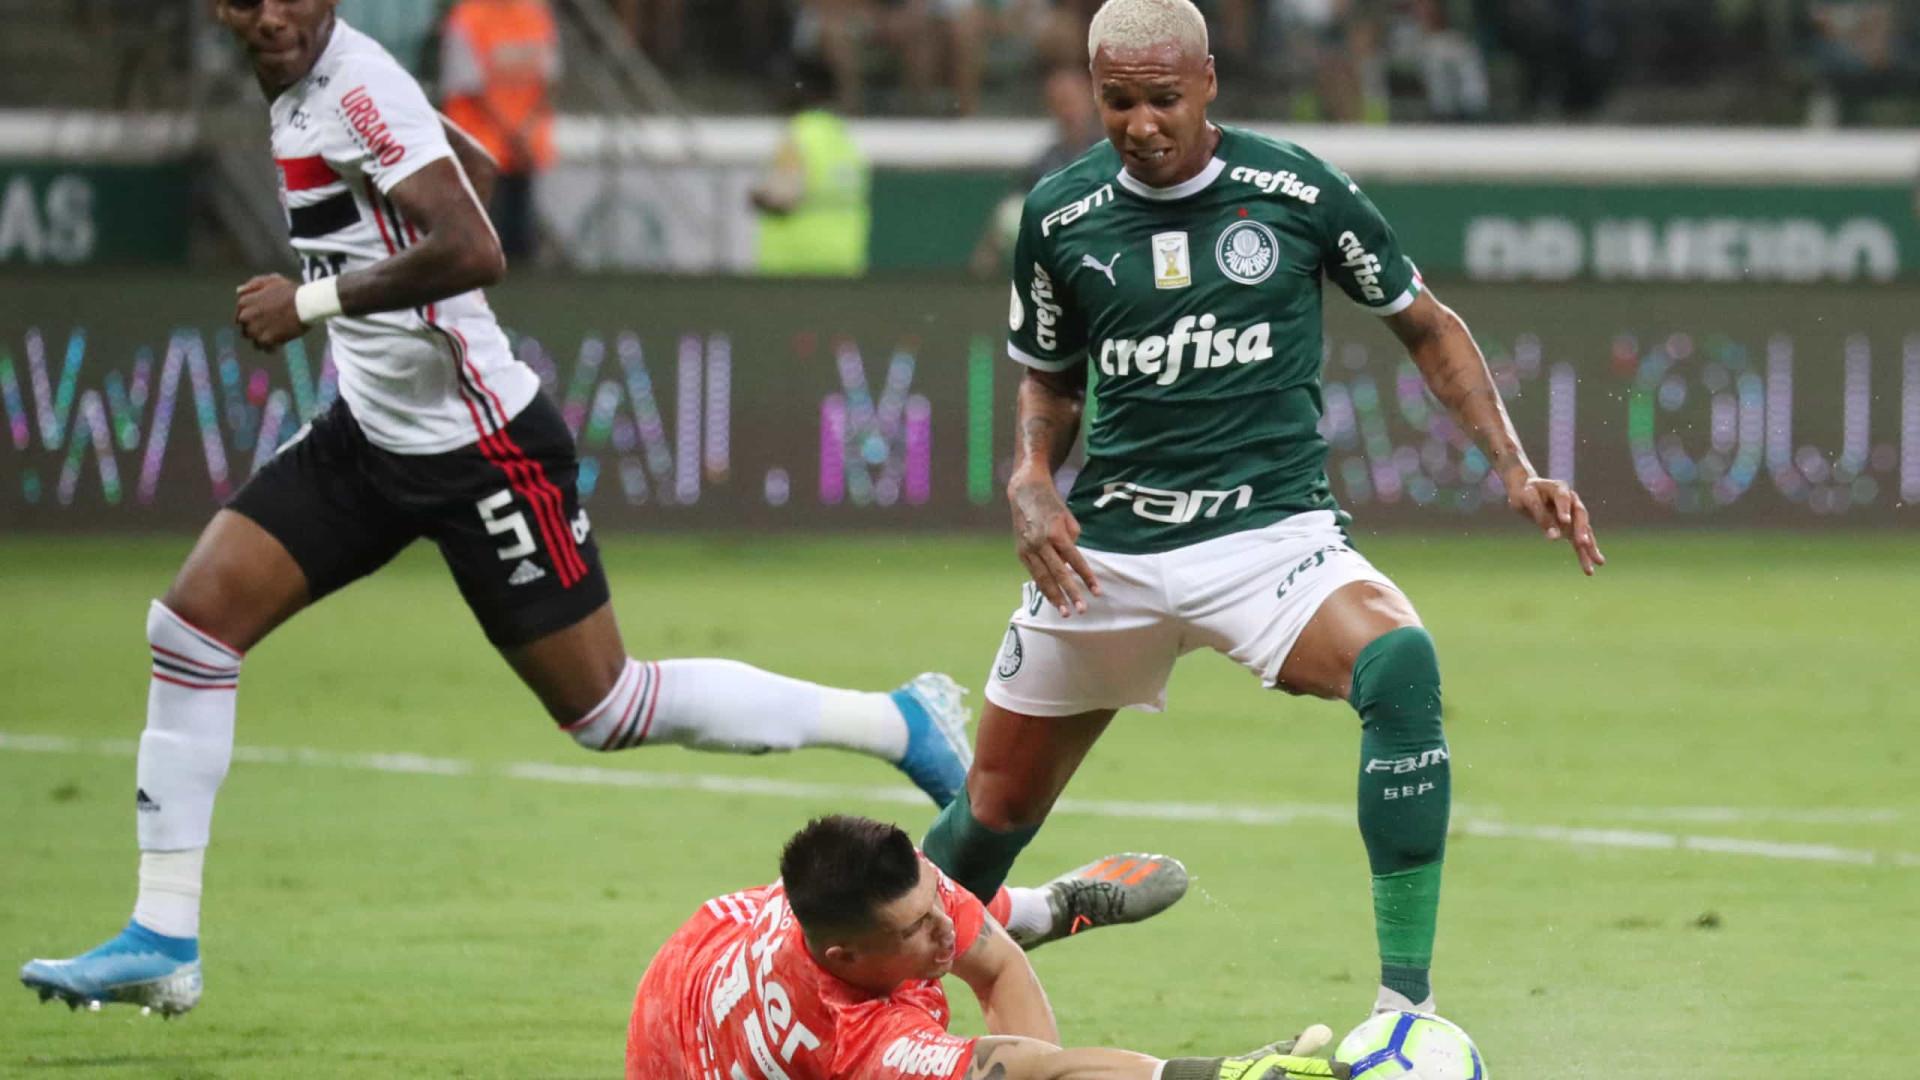 'Bola de Lata': Ex-Benfica entre os piores avançados Brasileirão